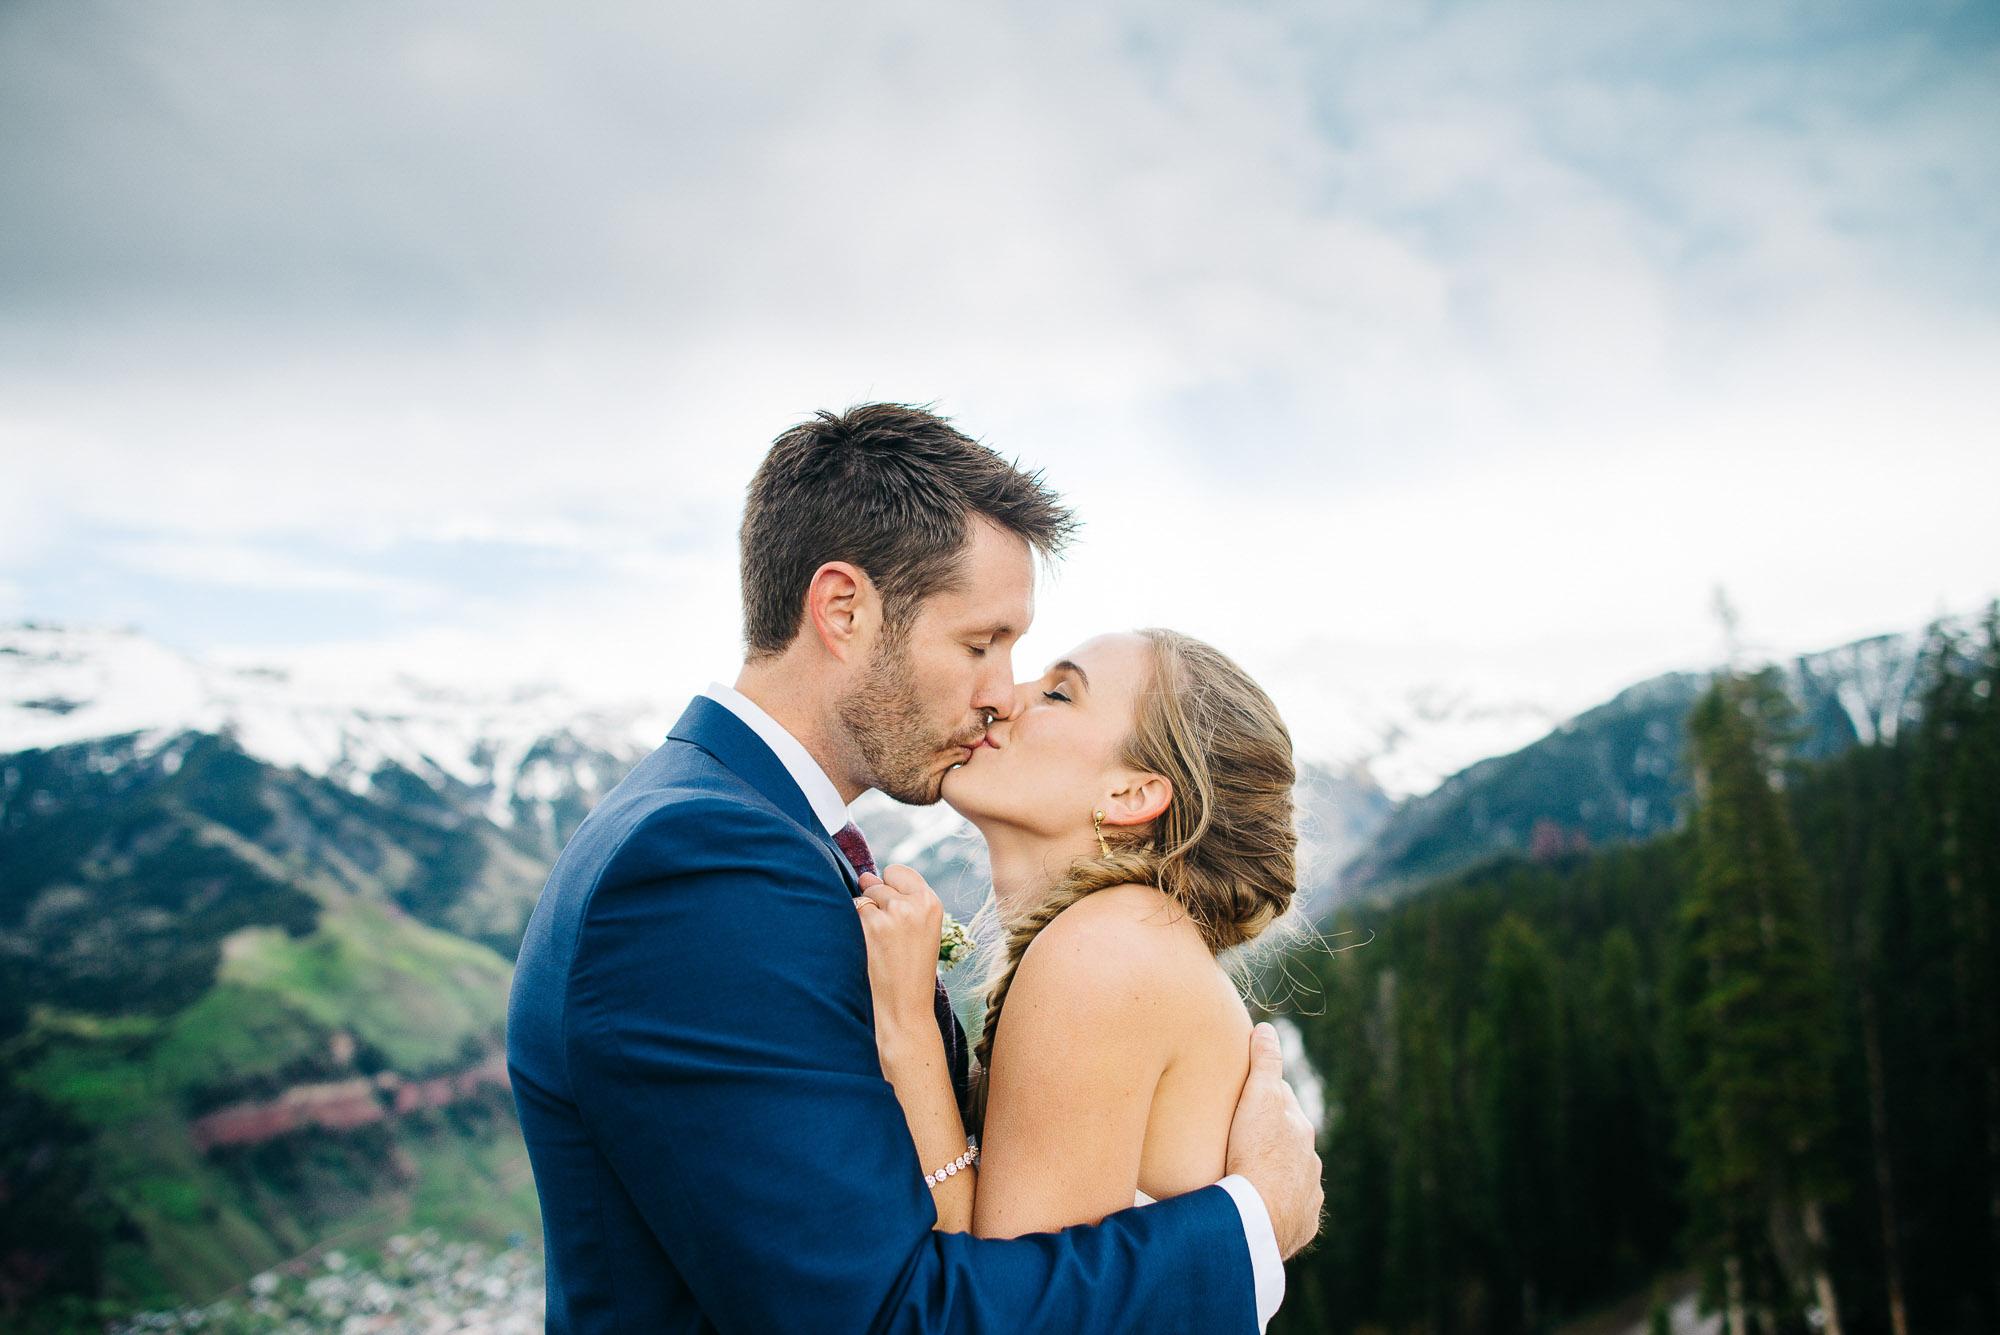 107elopement-photographer-colorado-colorado-mountain-wedding-photographer-romantic-wedding-pictures_047.jpg